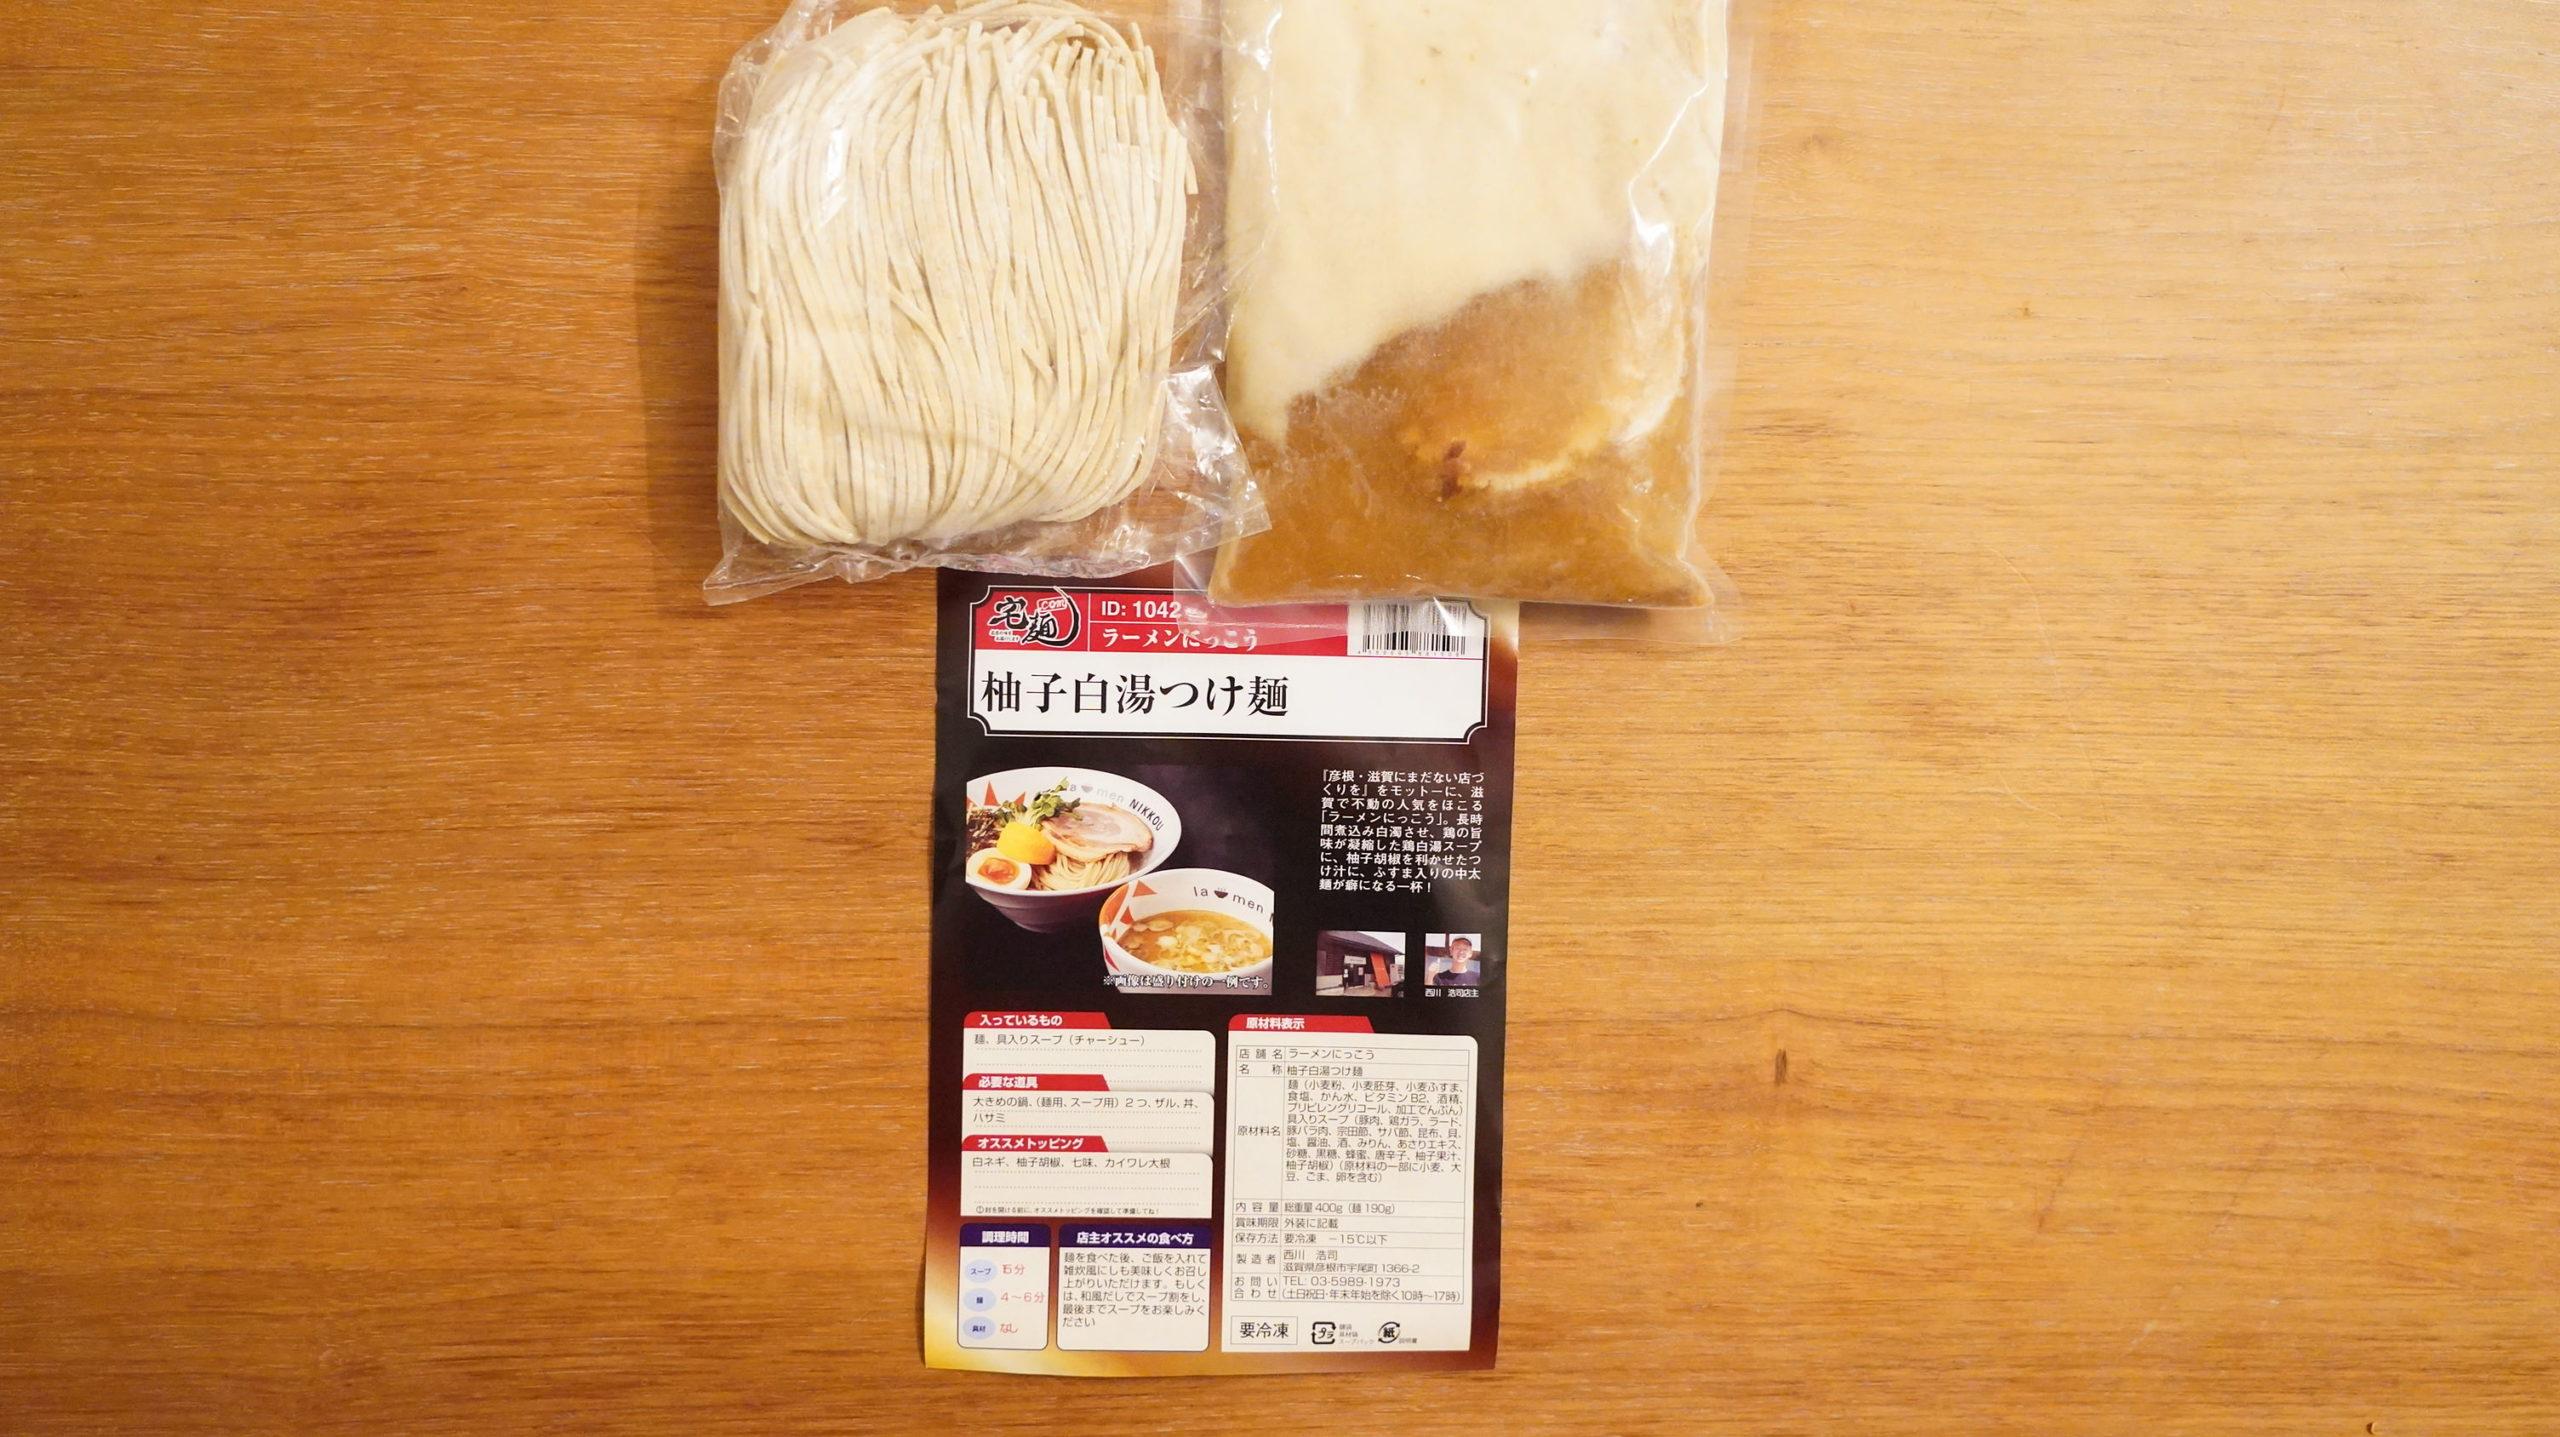 「ラーメンにっこう」のお取り寄せオンライン通販「柚子白湯つけ麺」の中身一式の写真